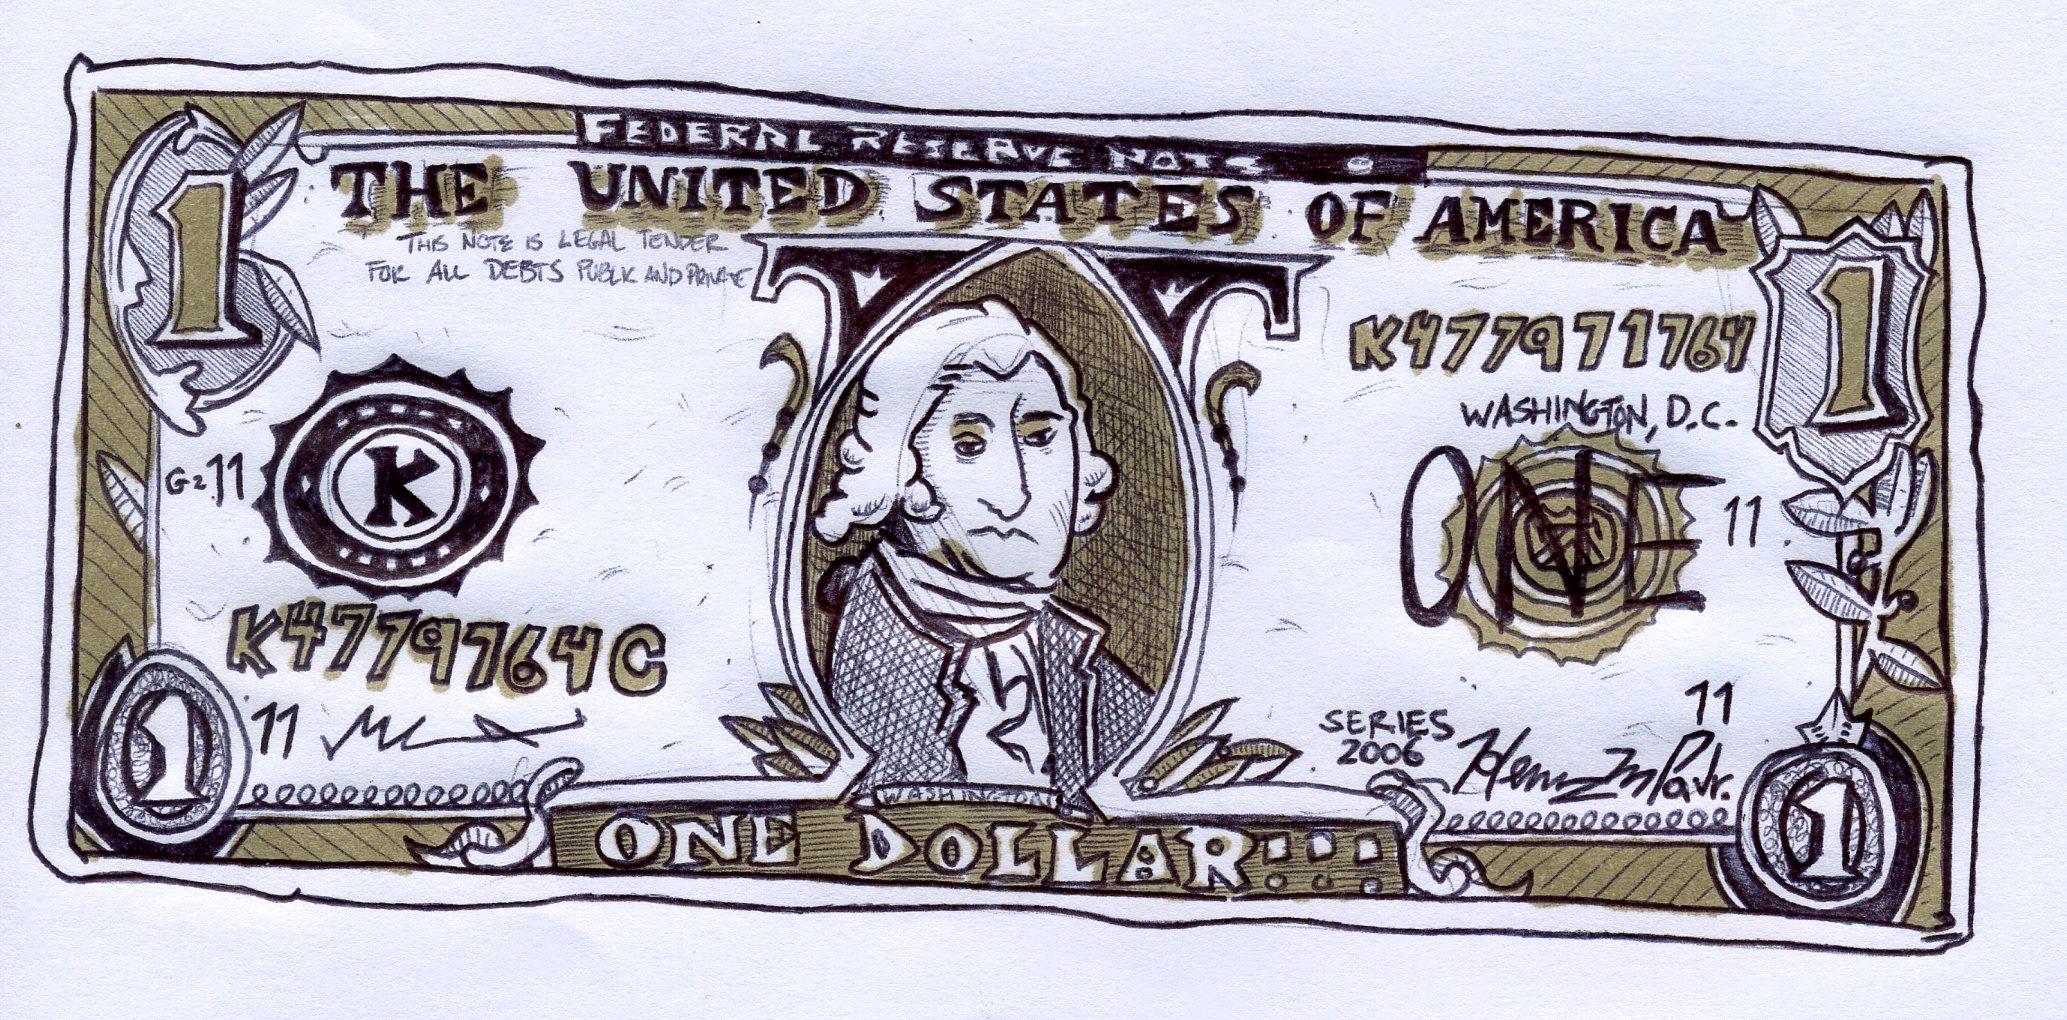 2067x1020 One Dollar (63)